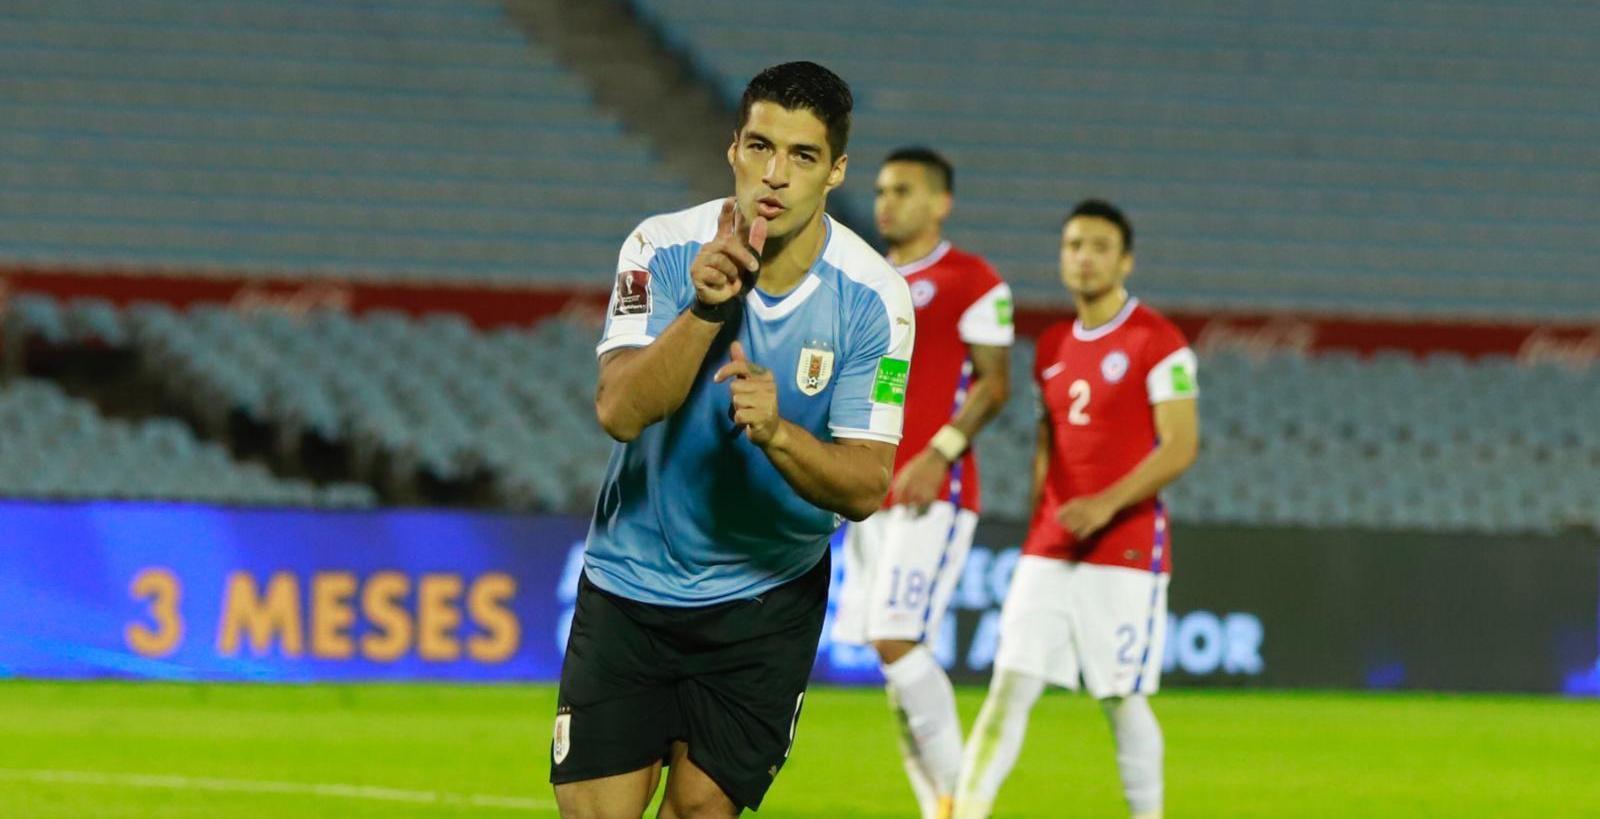 कतार विश्वकप छनौट : चिलीलाई हराउँदै उरुग्वेको सुखद् सुरुआत